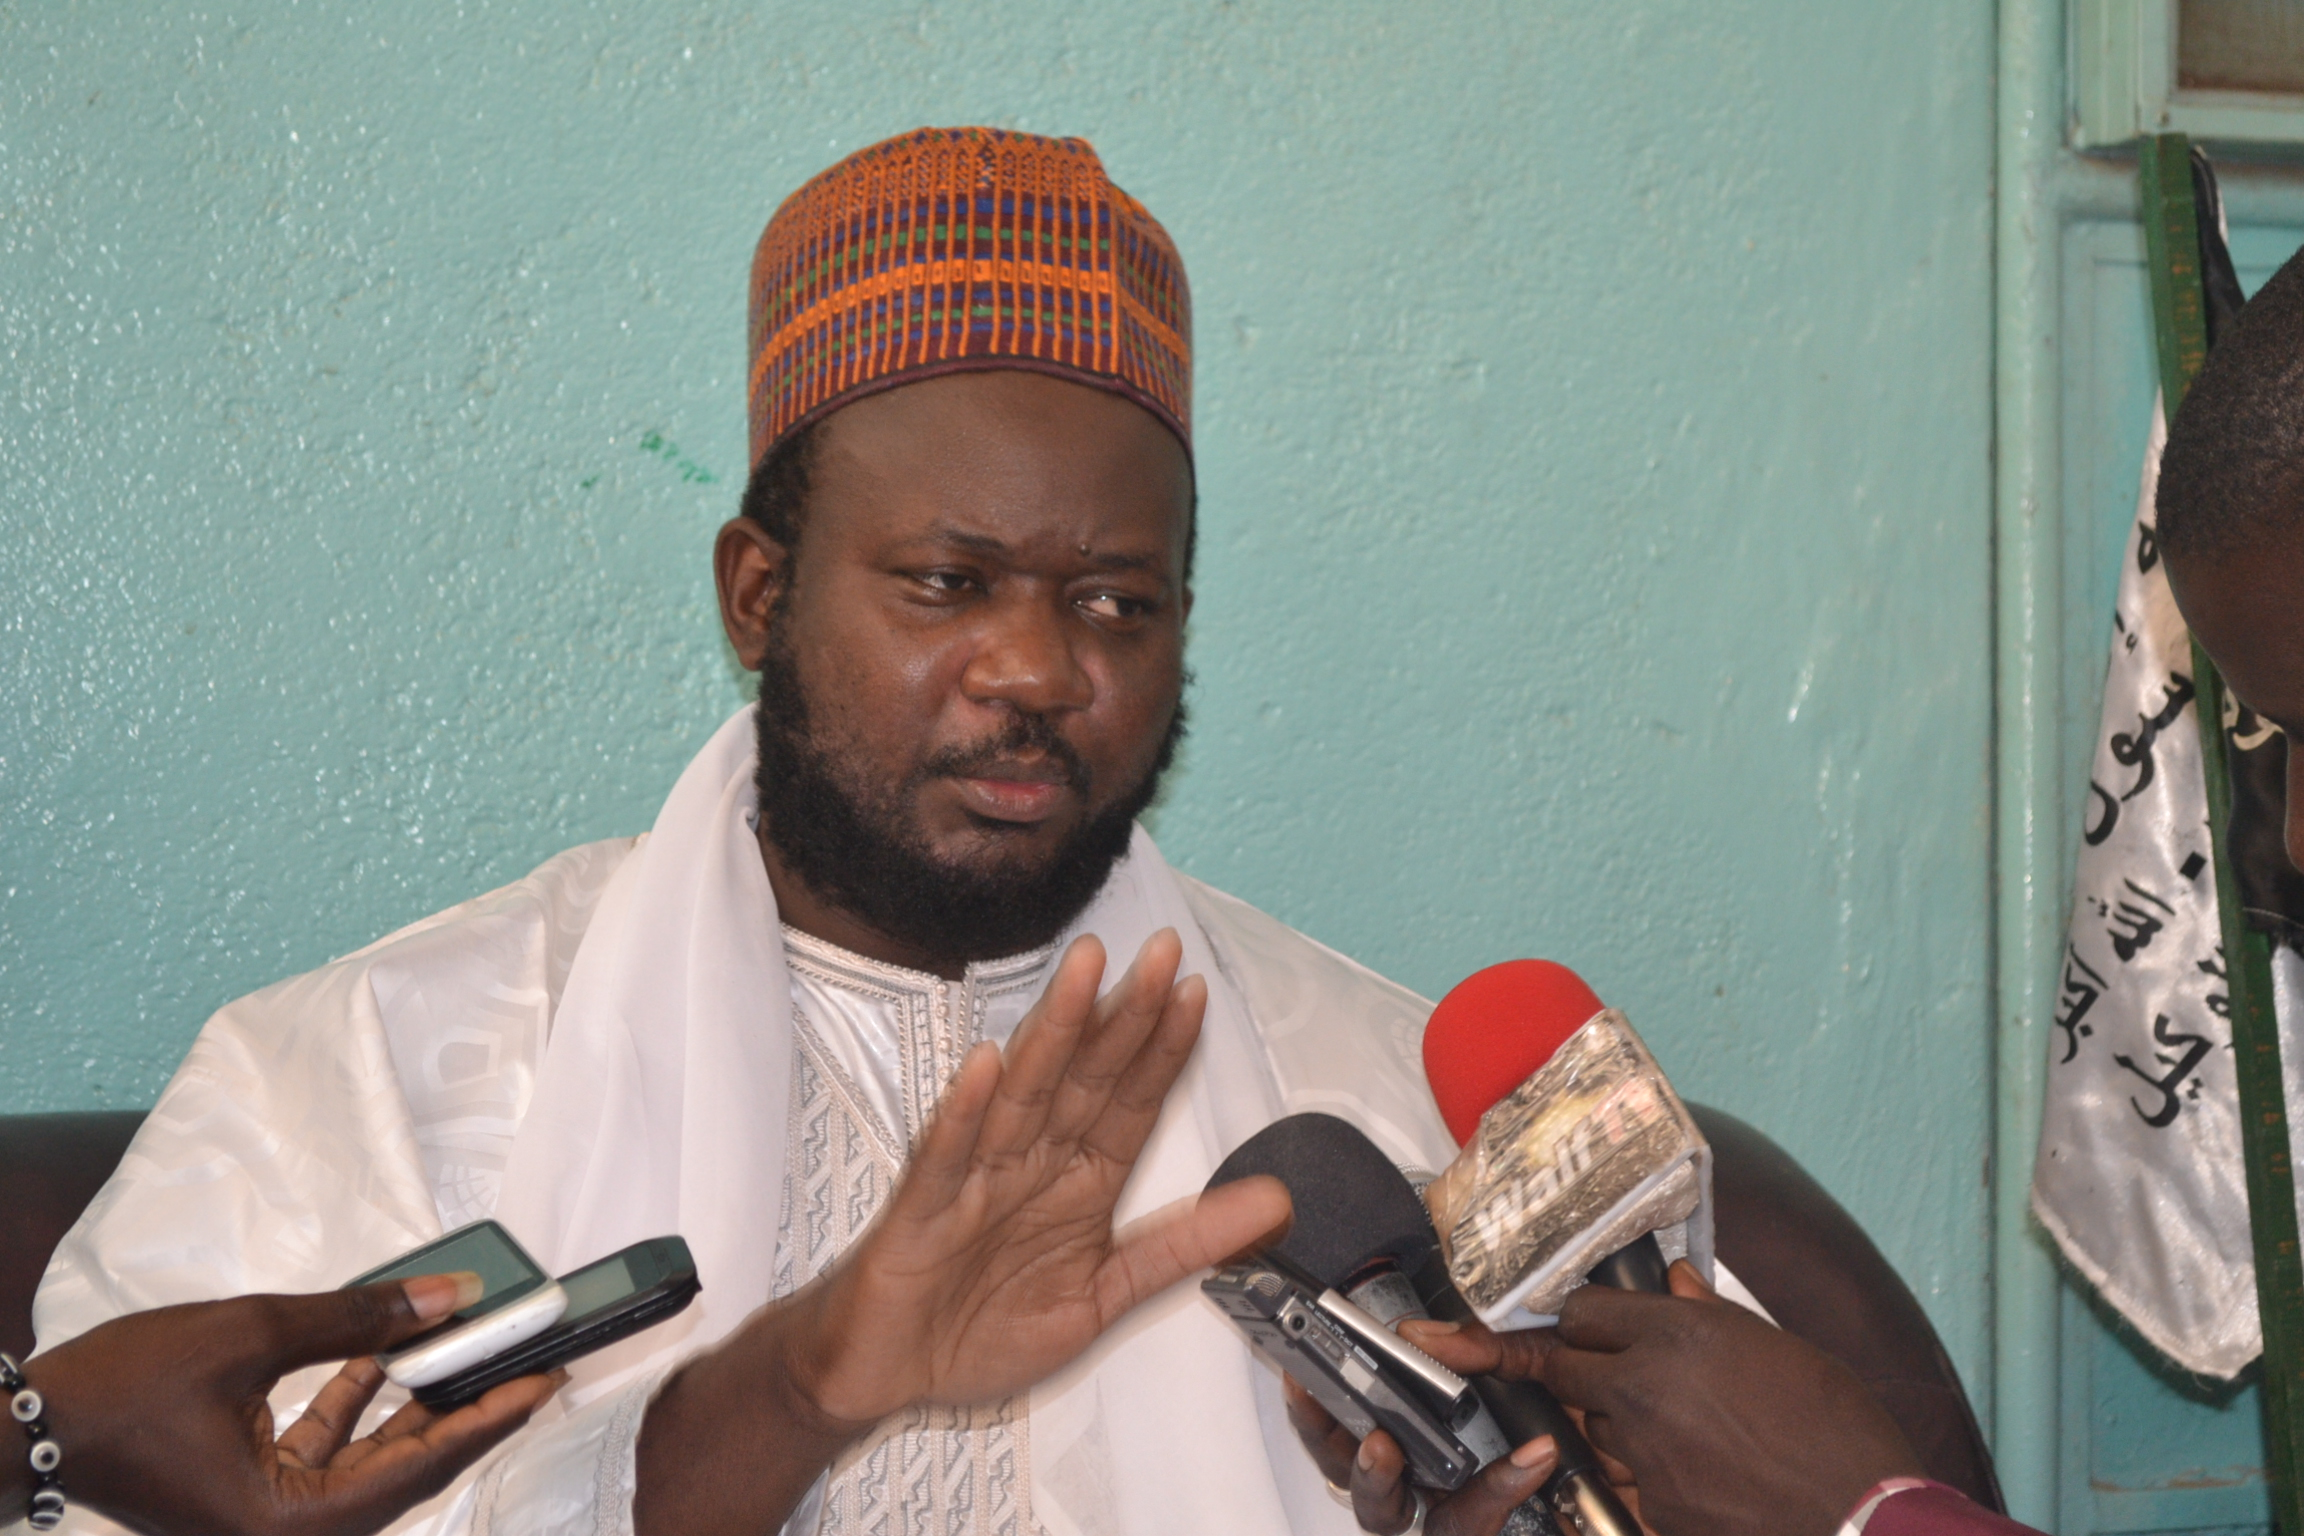 Serigne Baye Mamoune : « La gestion du pays n'est pas bonne. Un pays ne fonctionne pas sur le mensonge! »